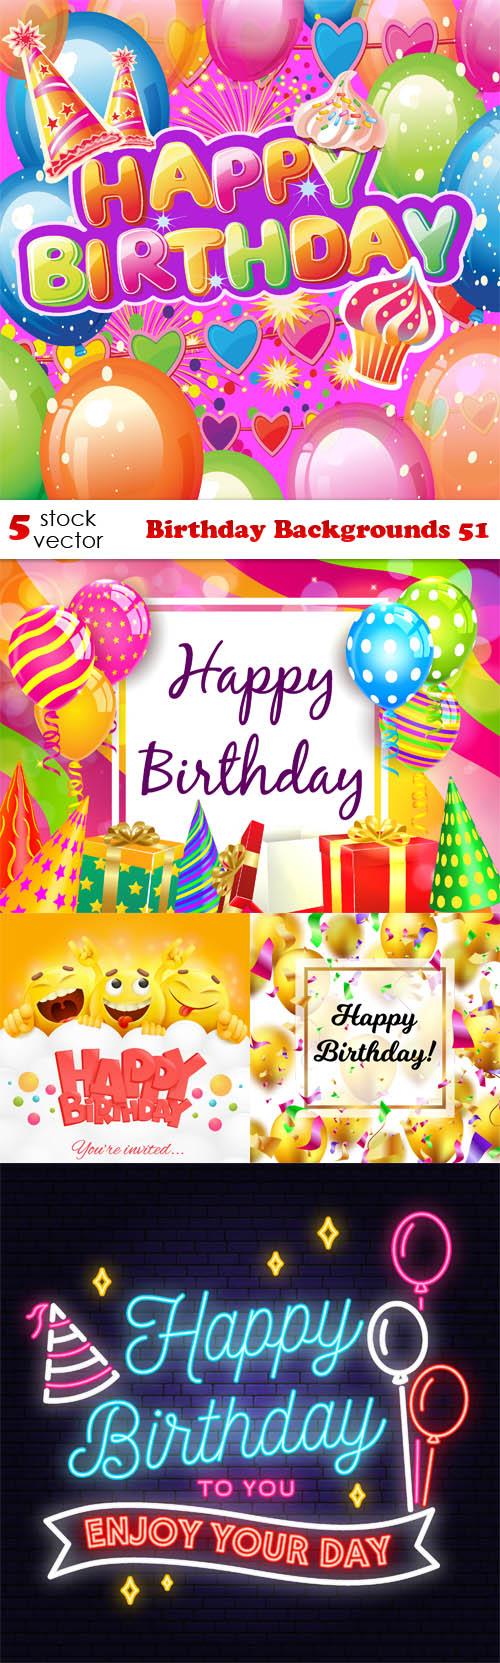 Vectors - Birthday Backgrounds 51